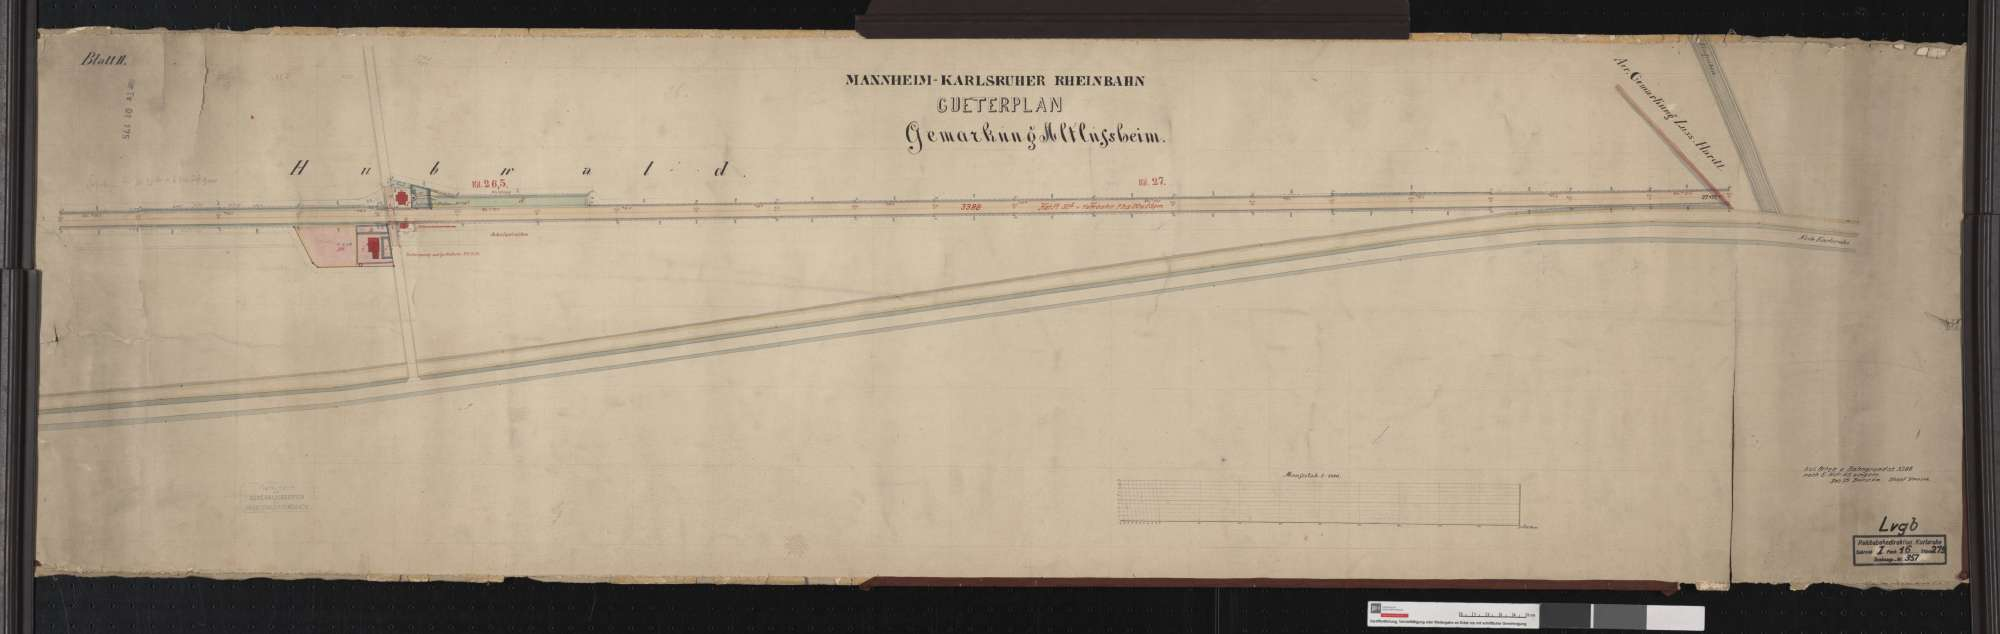 Güterplan der Mannheim-Karlsruher Rheinbahn: Gemarkung Altlußheim Streckenausschnitt: 26,2 bis 27,4 km, Bild 2